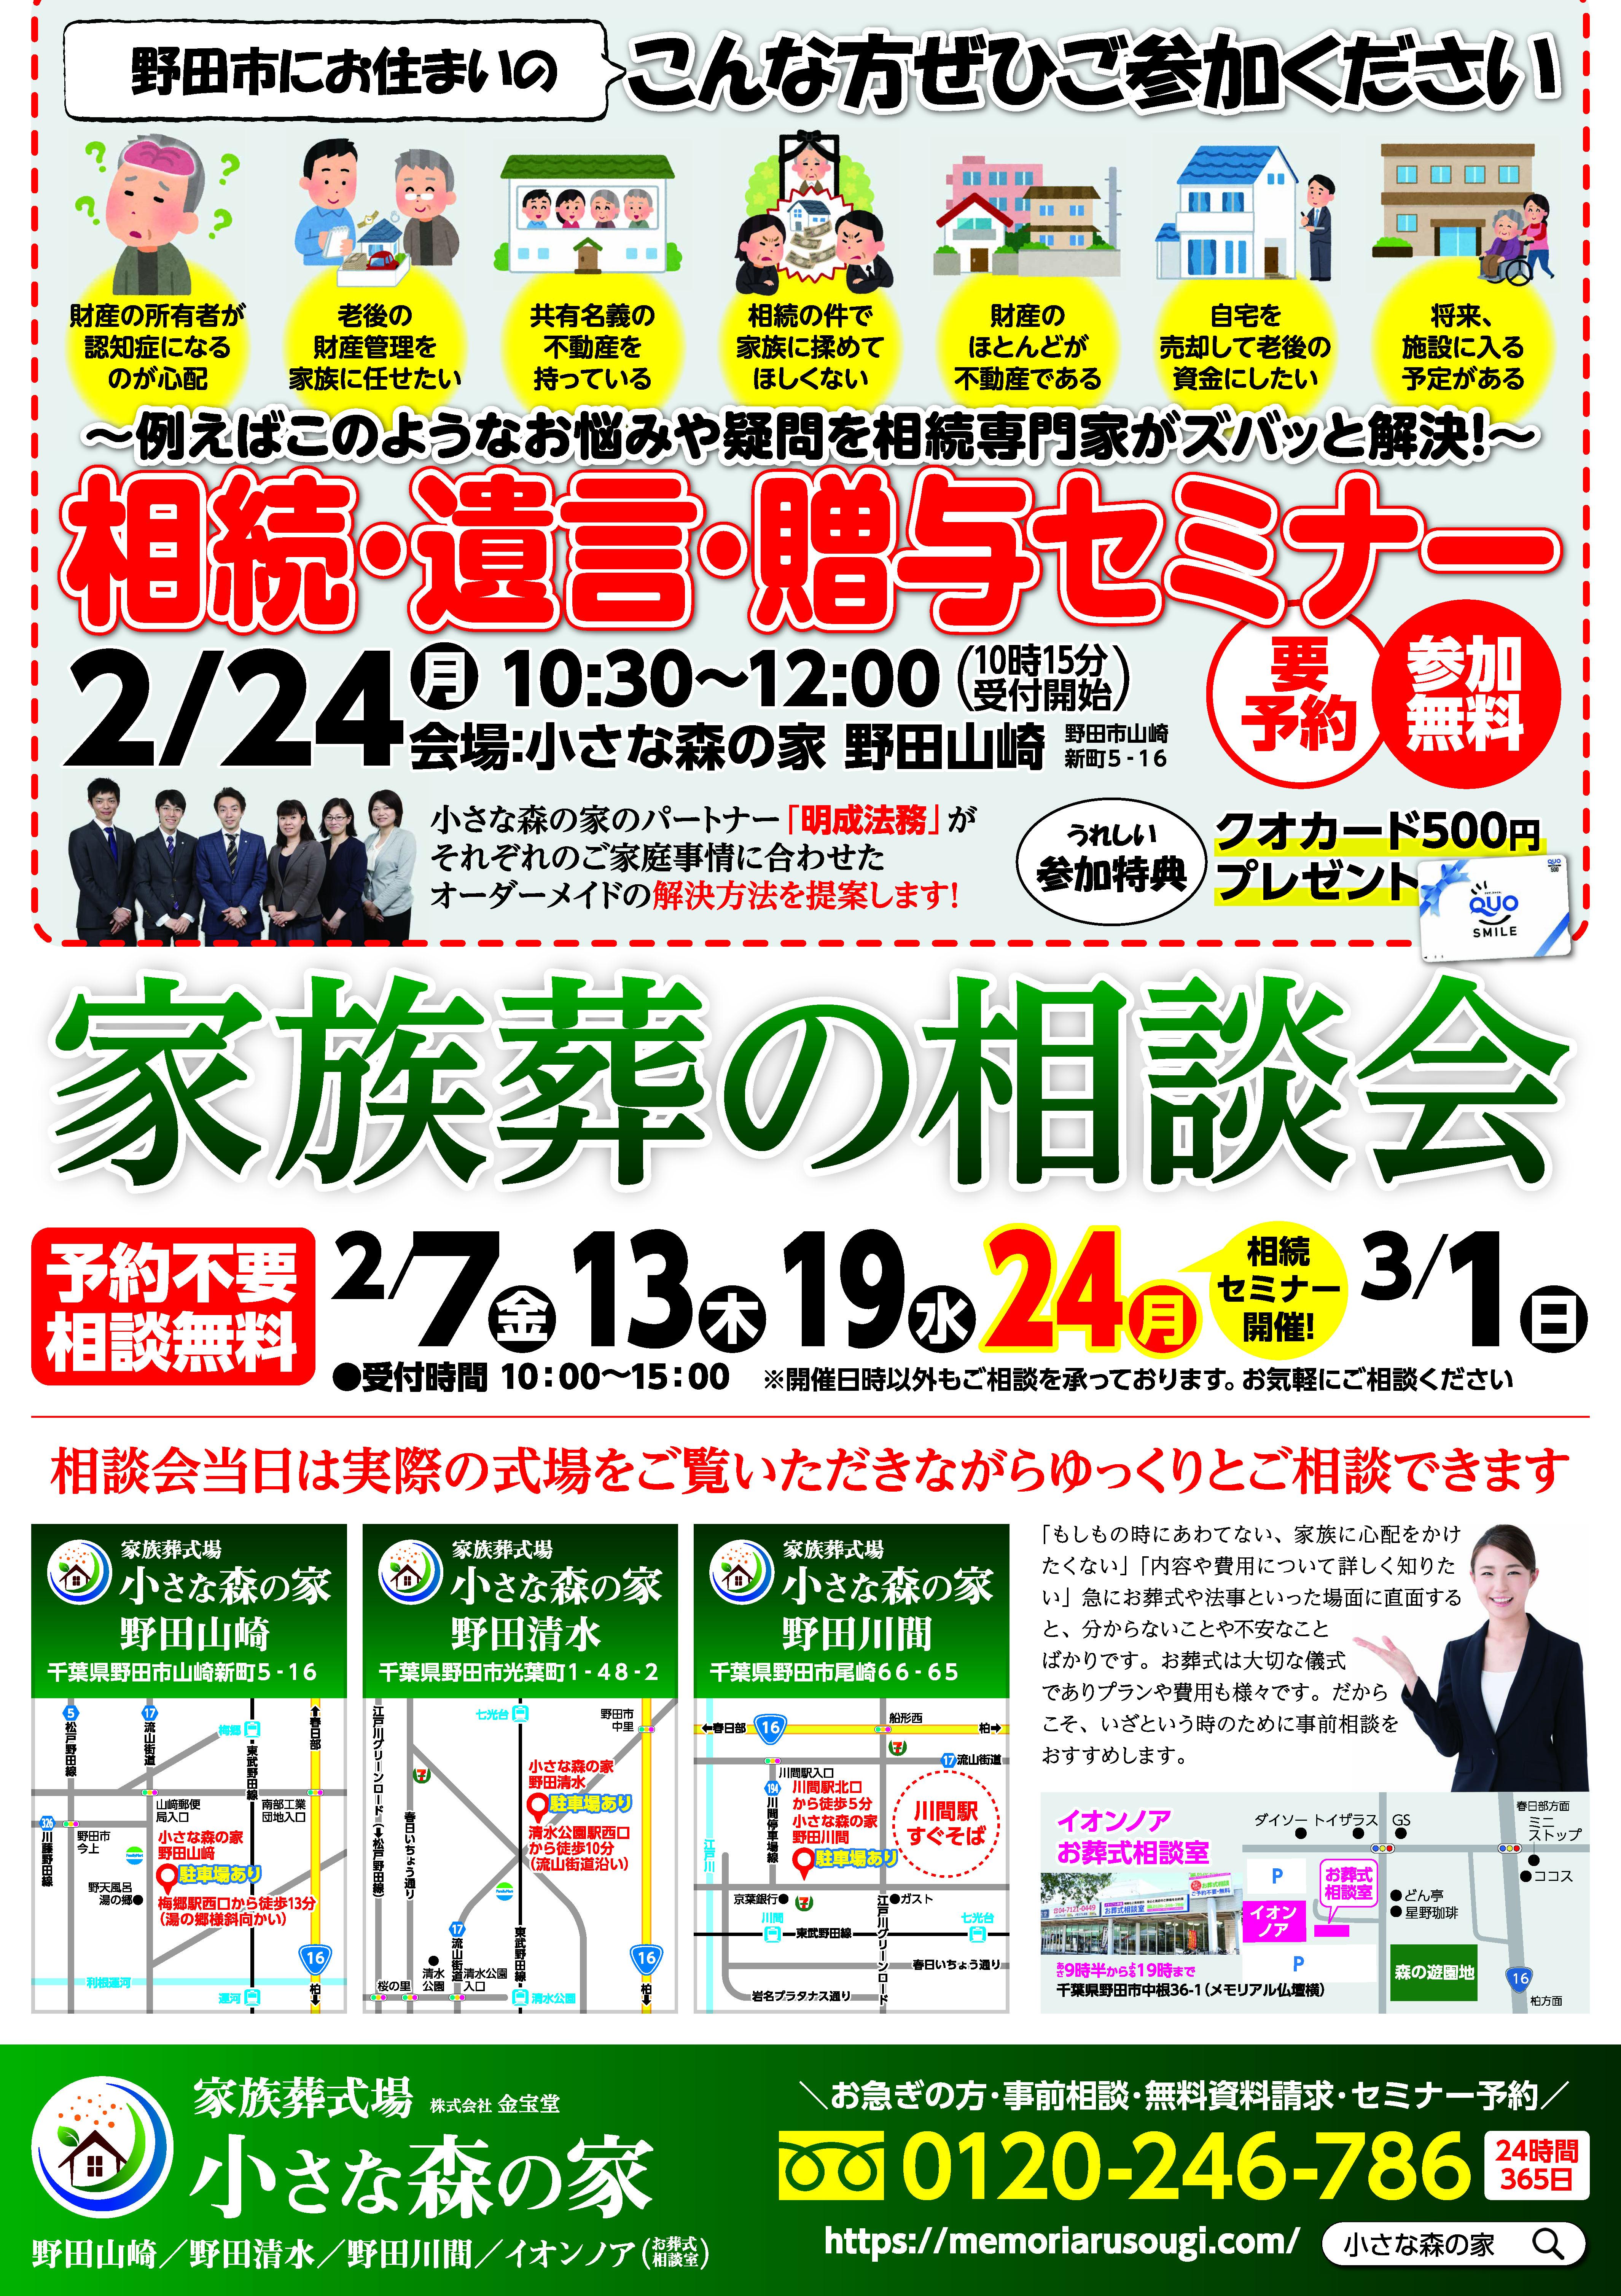 2月、3月に野田山崎・清水・川間で家族葬の相談会を実施いたします!2月24日は相続・遺言・贈与セミナーを同時開催!!